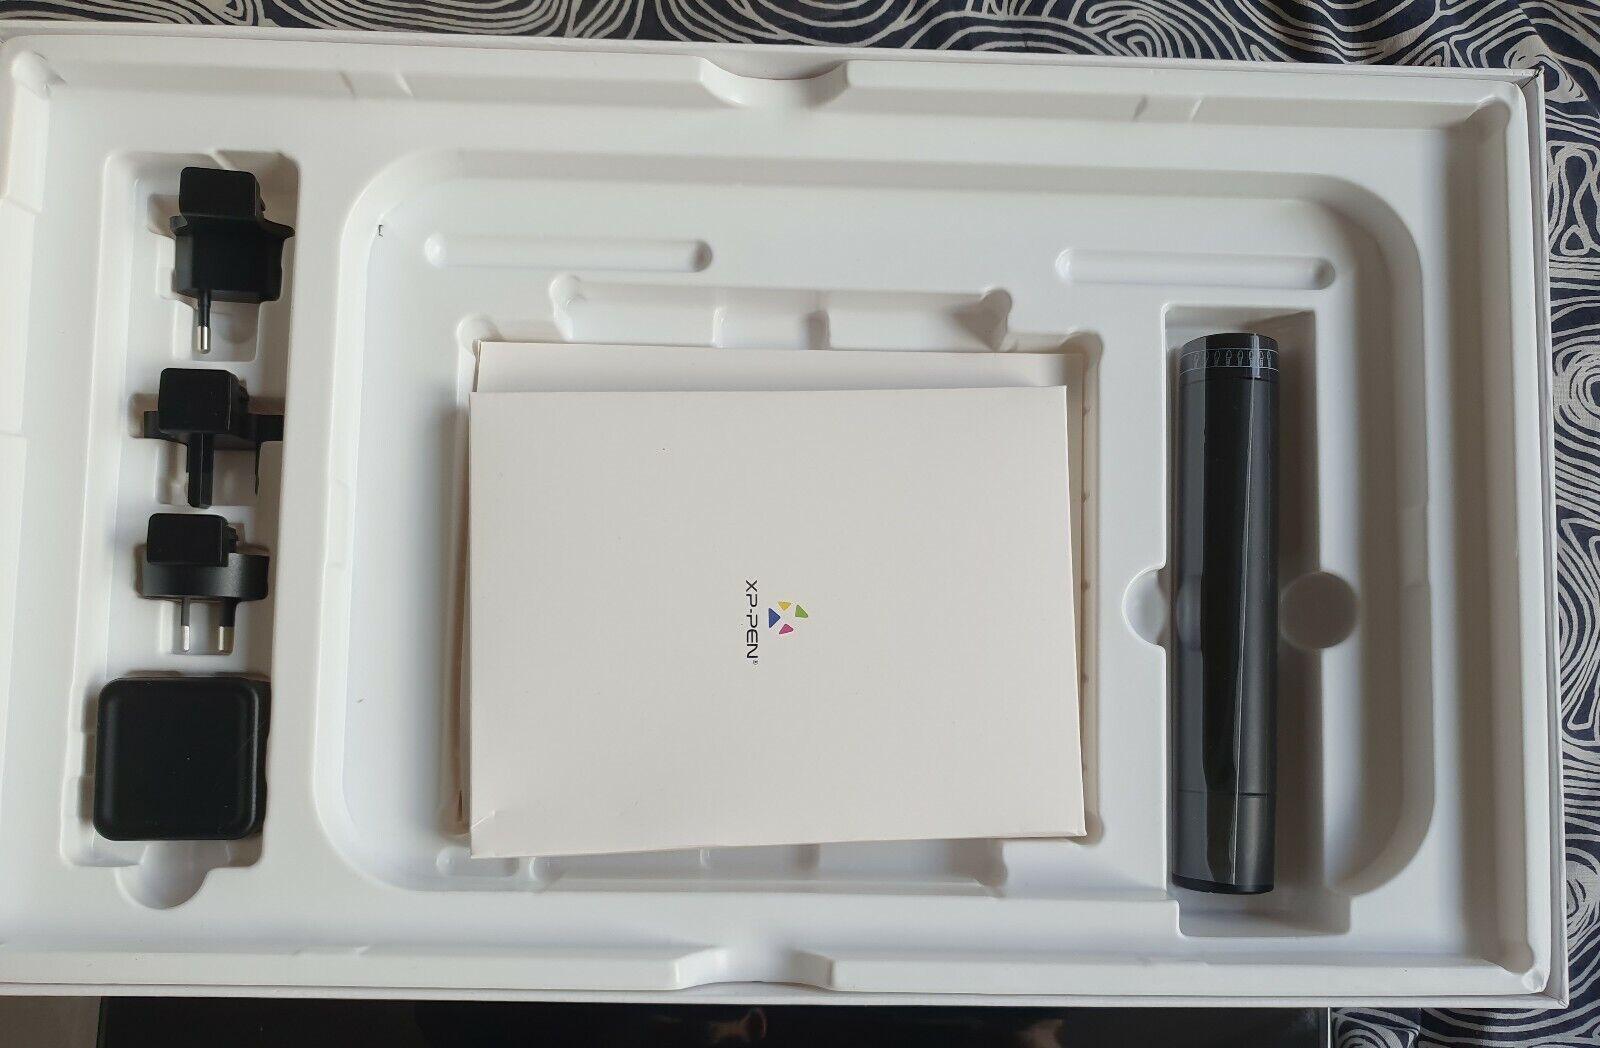 tablette graphique xp-pen innovator 16 (comme neuve, utilisÉe une seule fois)